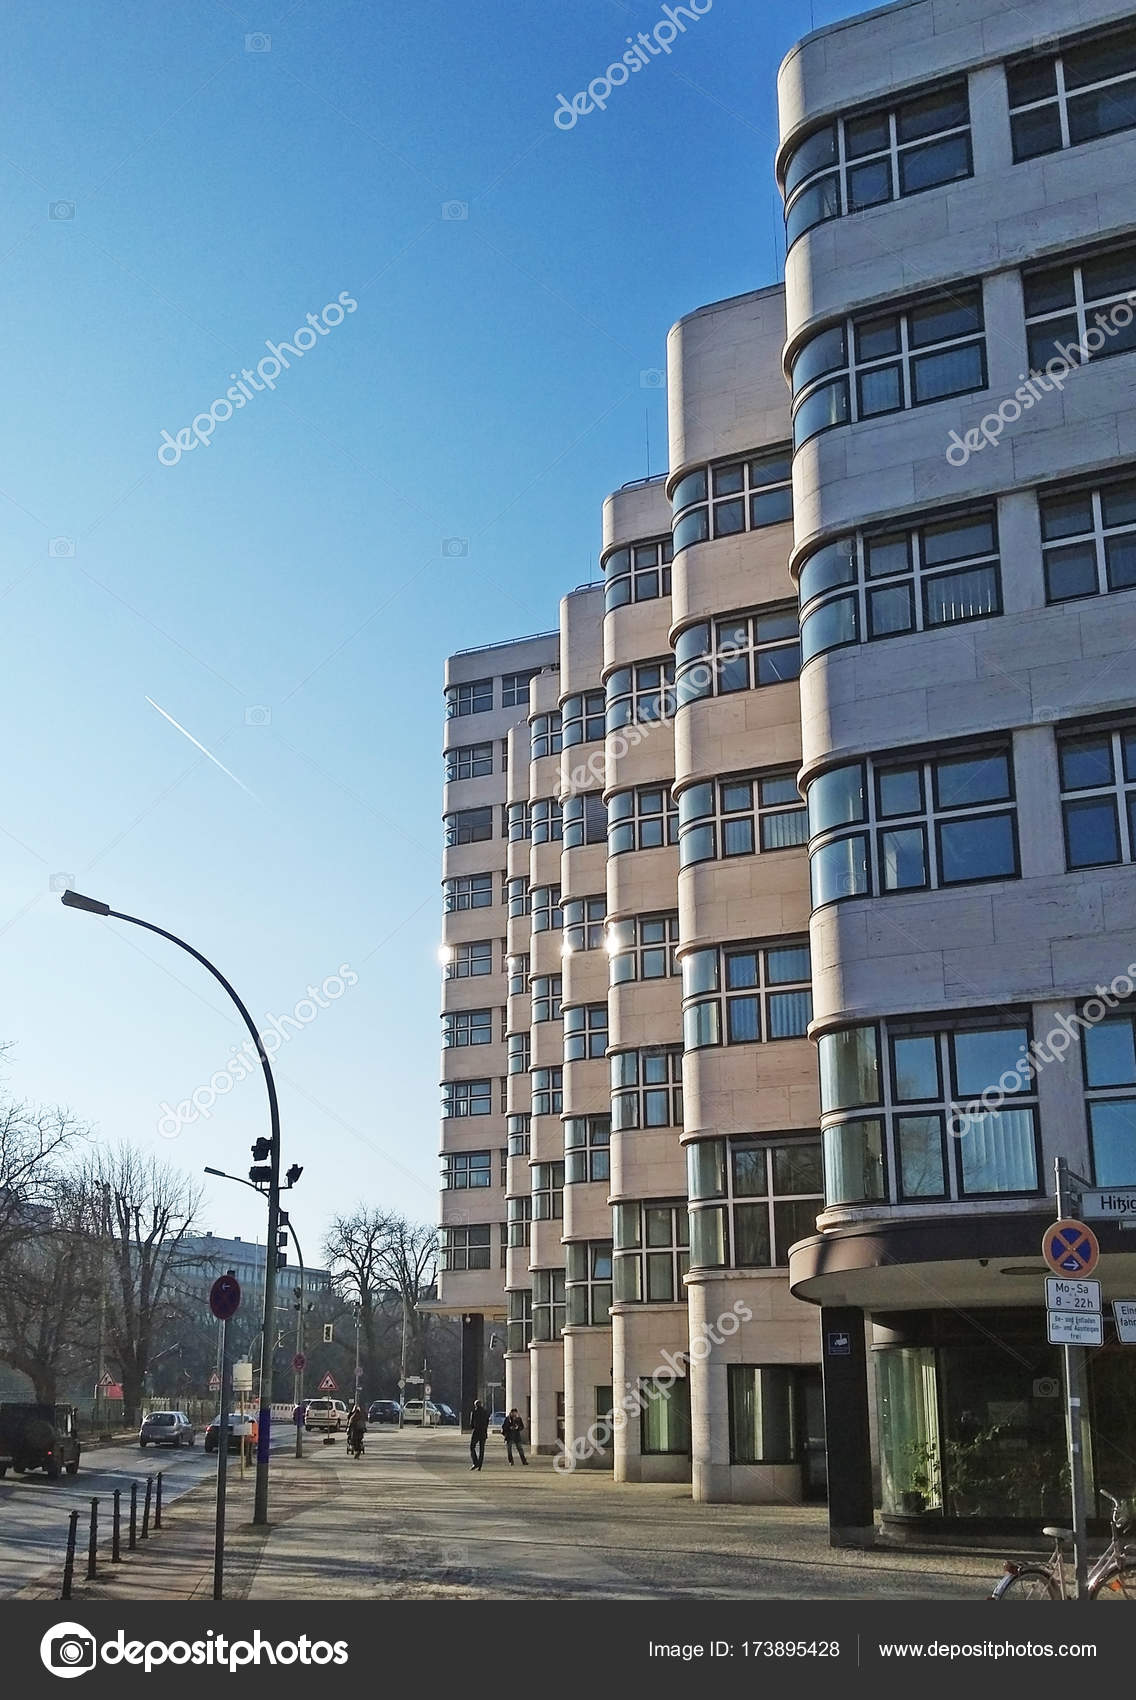 Bauhaus Charlottenburg bauhaus architecture berlin stockfoto bitpics 173895428